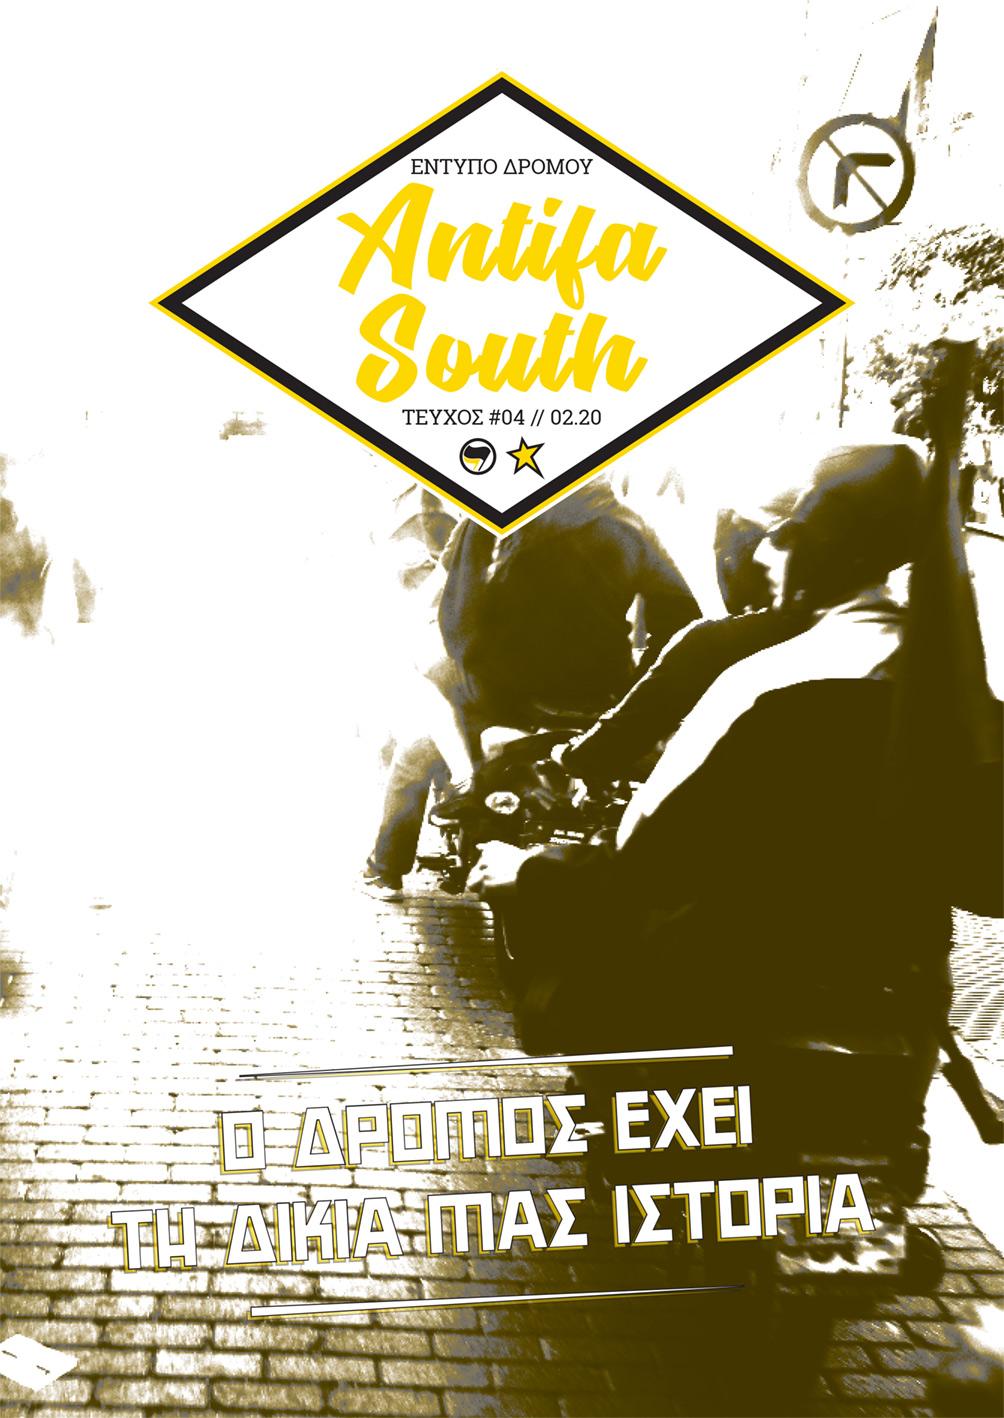 antifa south entipo dromou tefxos 04